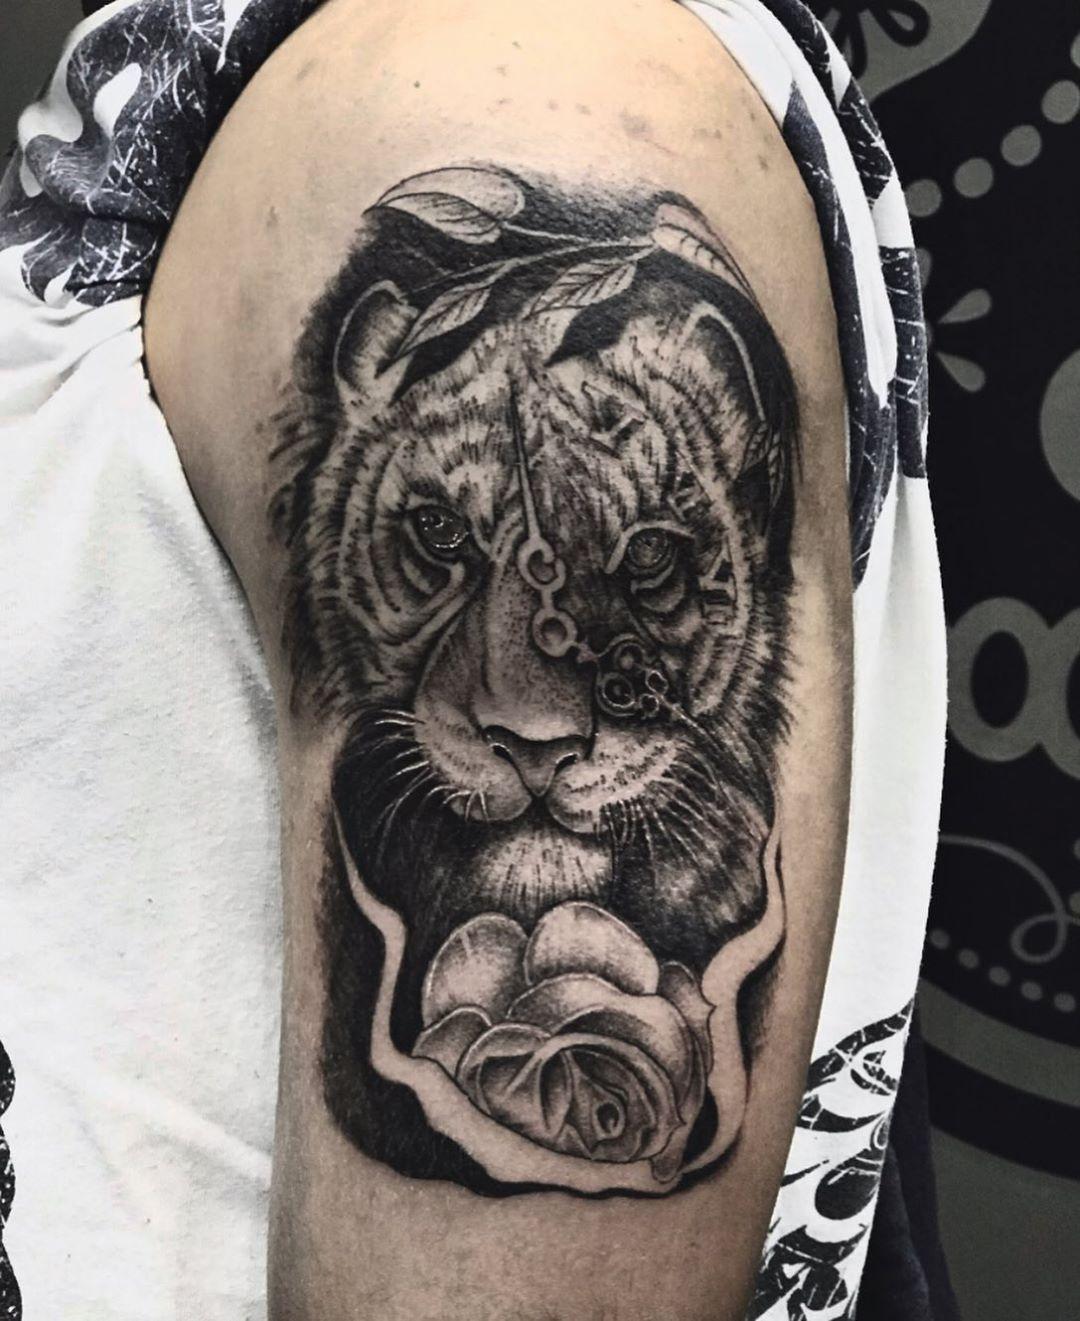 Tatuador Cristiano Da Costa Orcamentos Inbox Ou Pelo Whatsapp